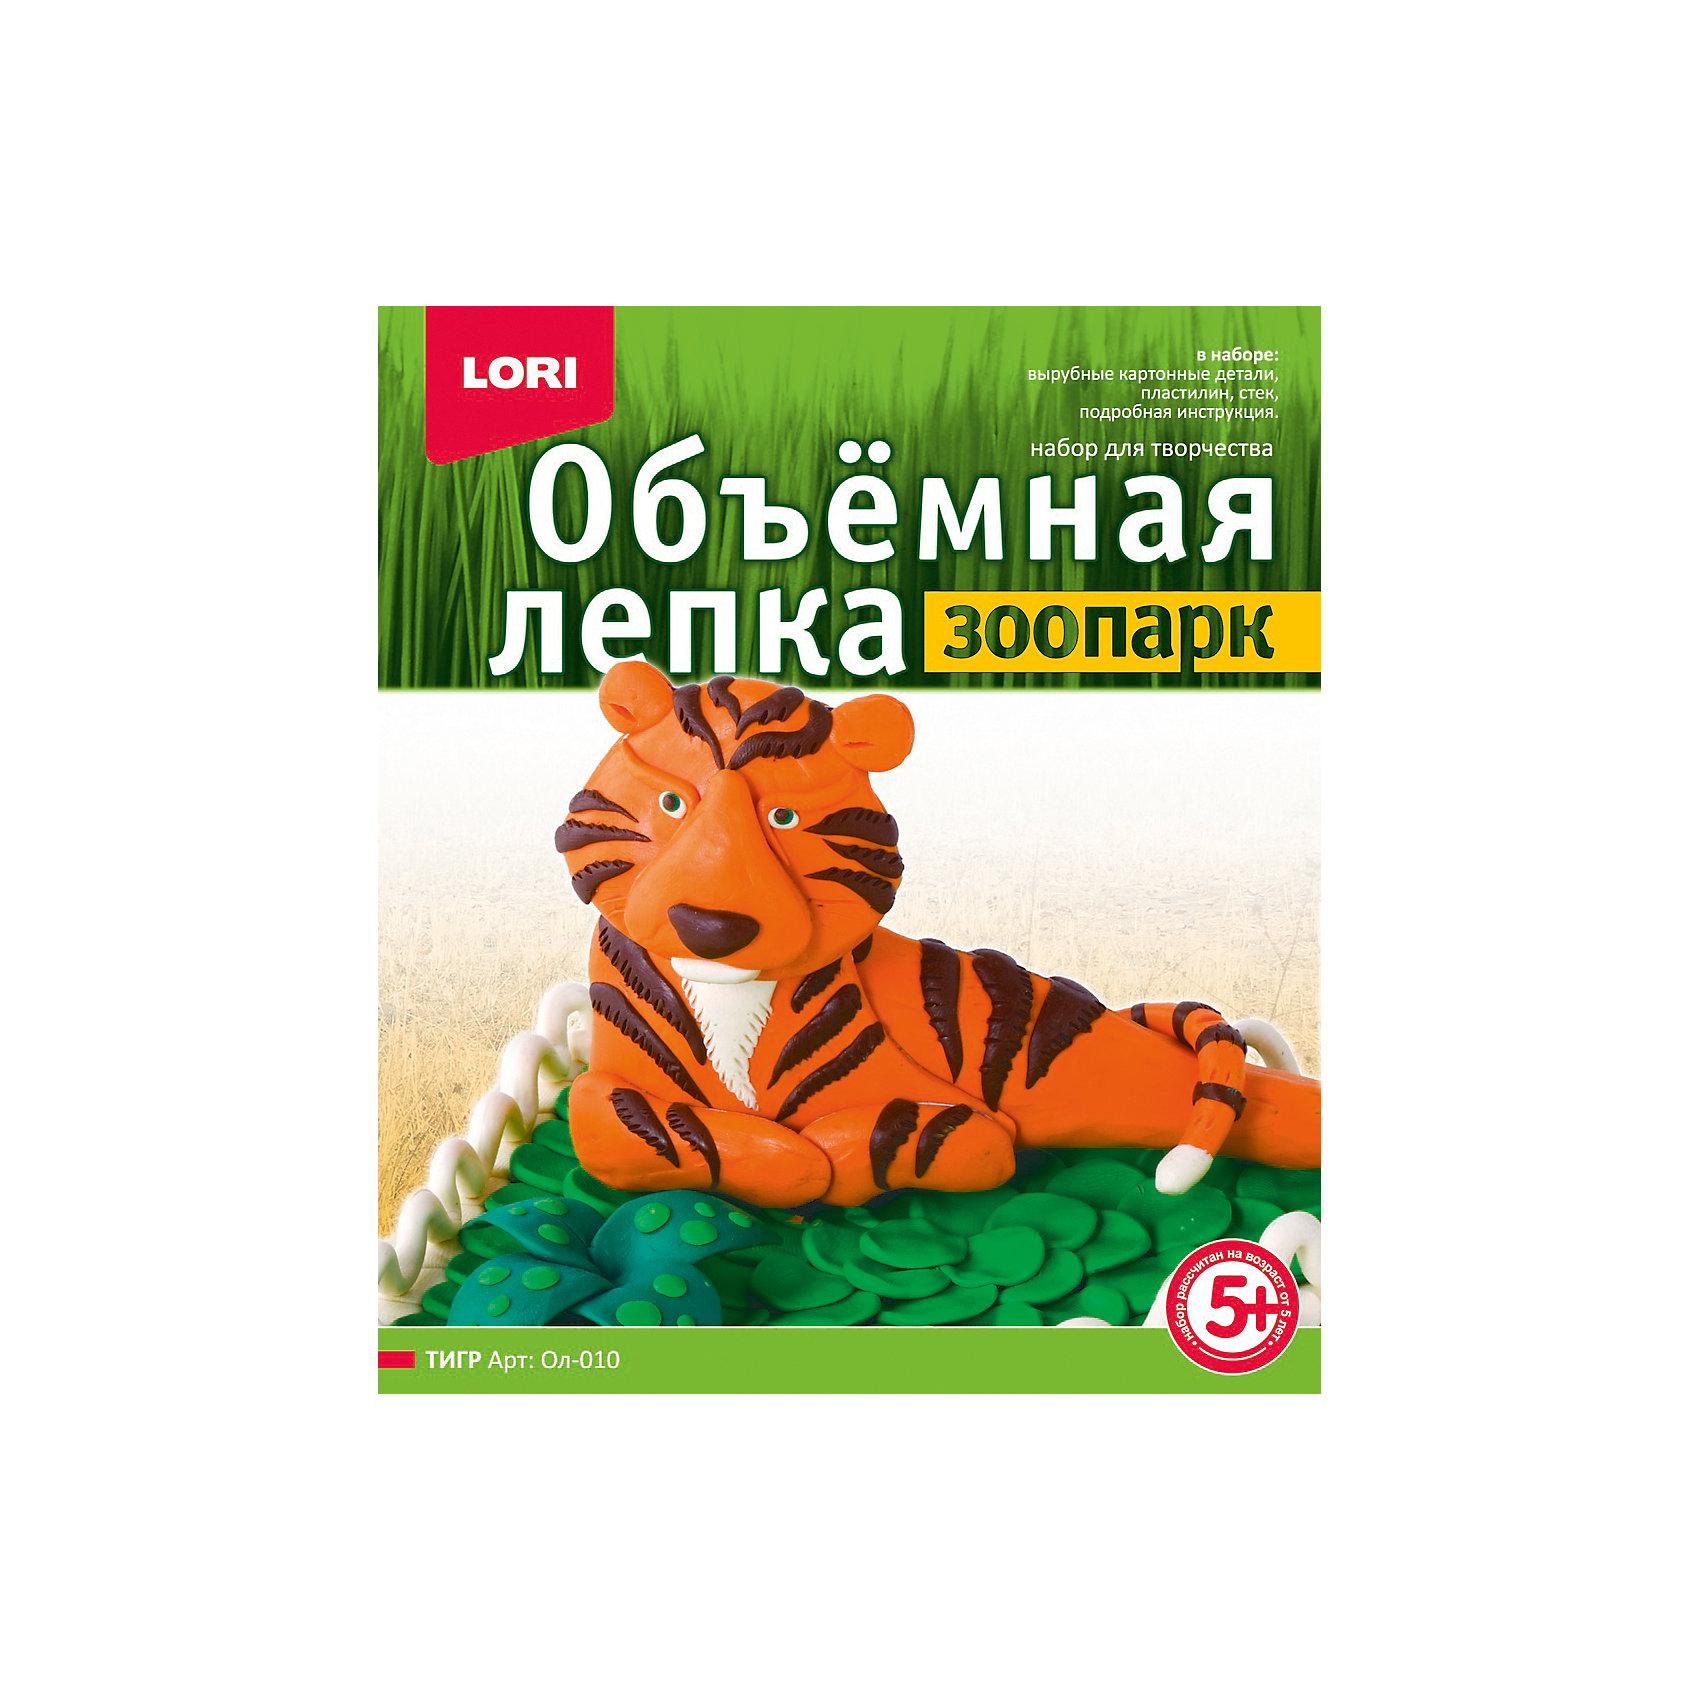 LORI Лепка объемная Тигр всё для лепки lori набор для рисования пластилином полосатая рыбка объёмная картина